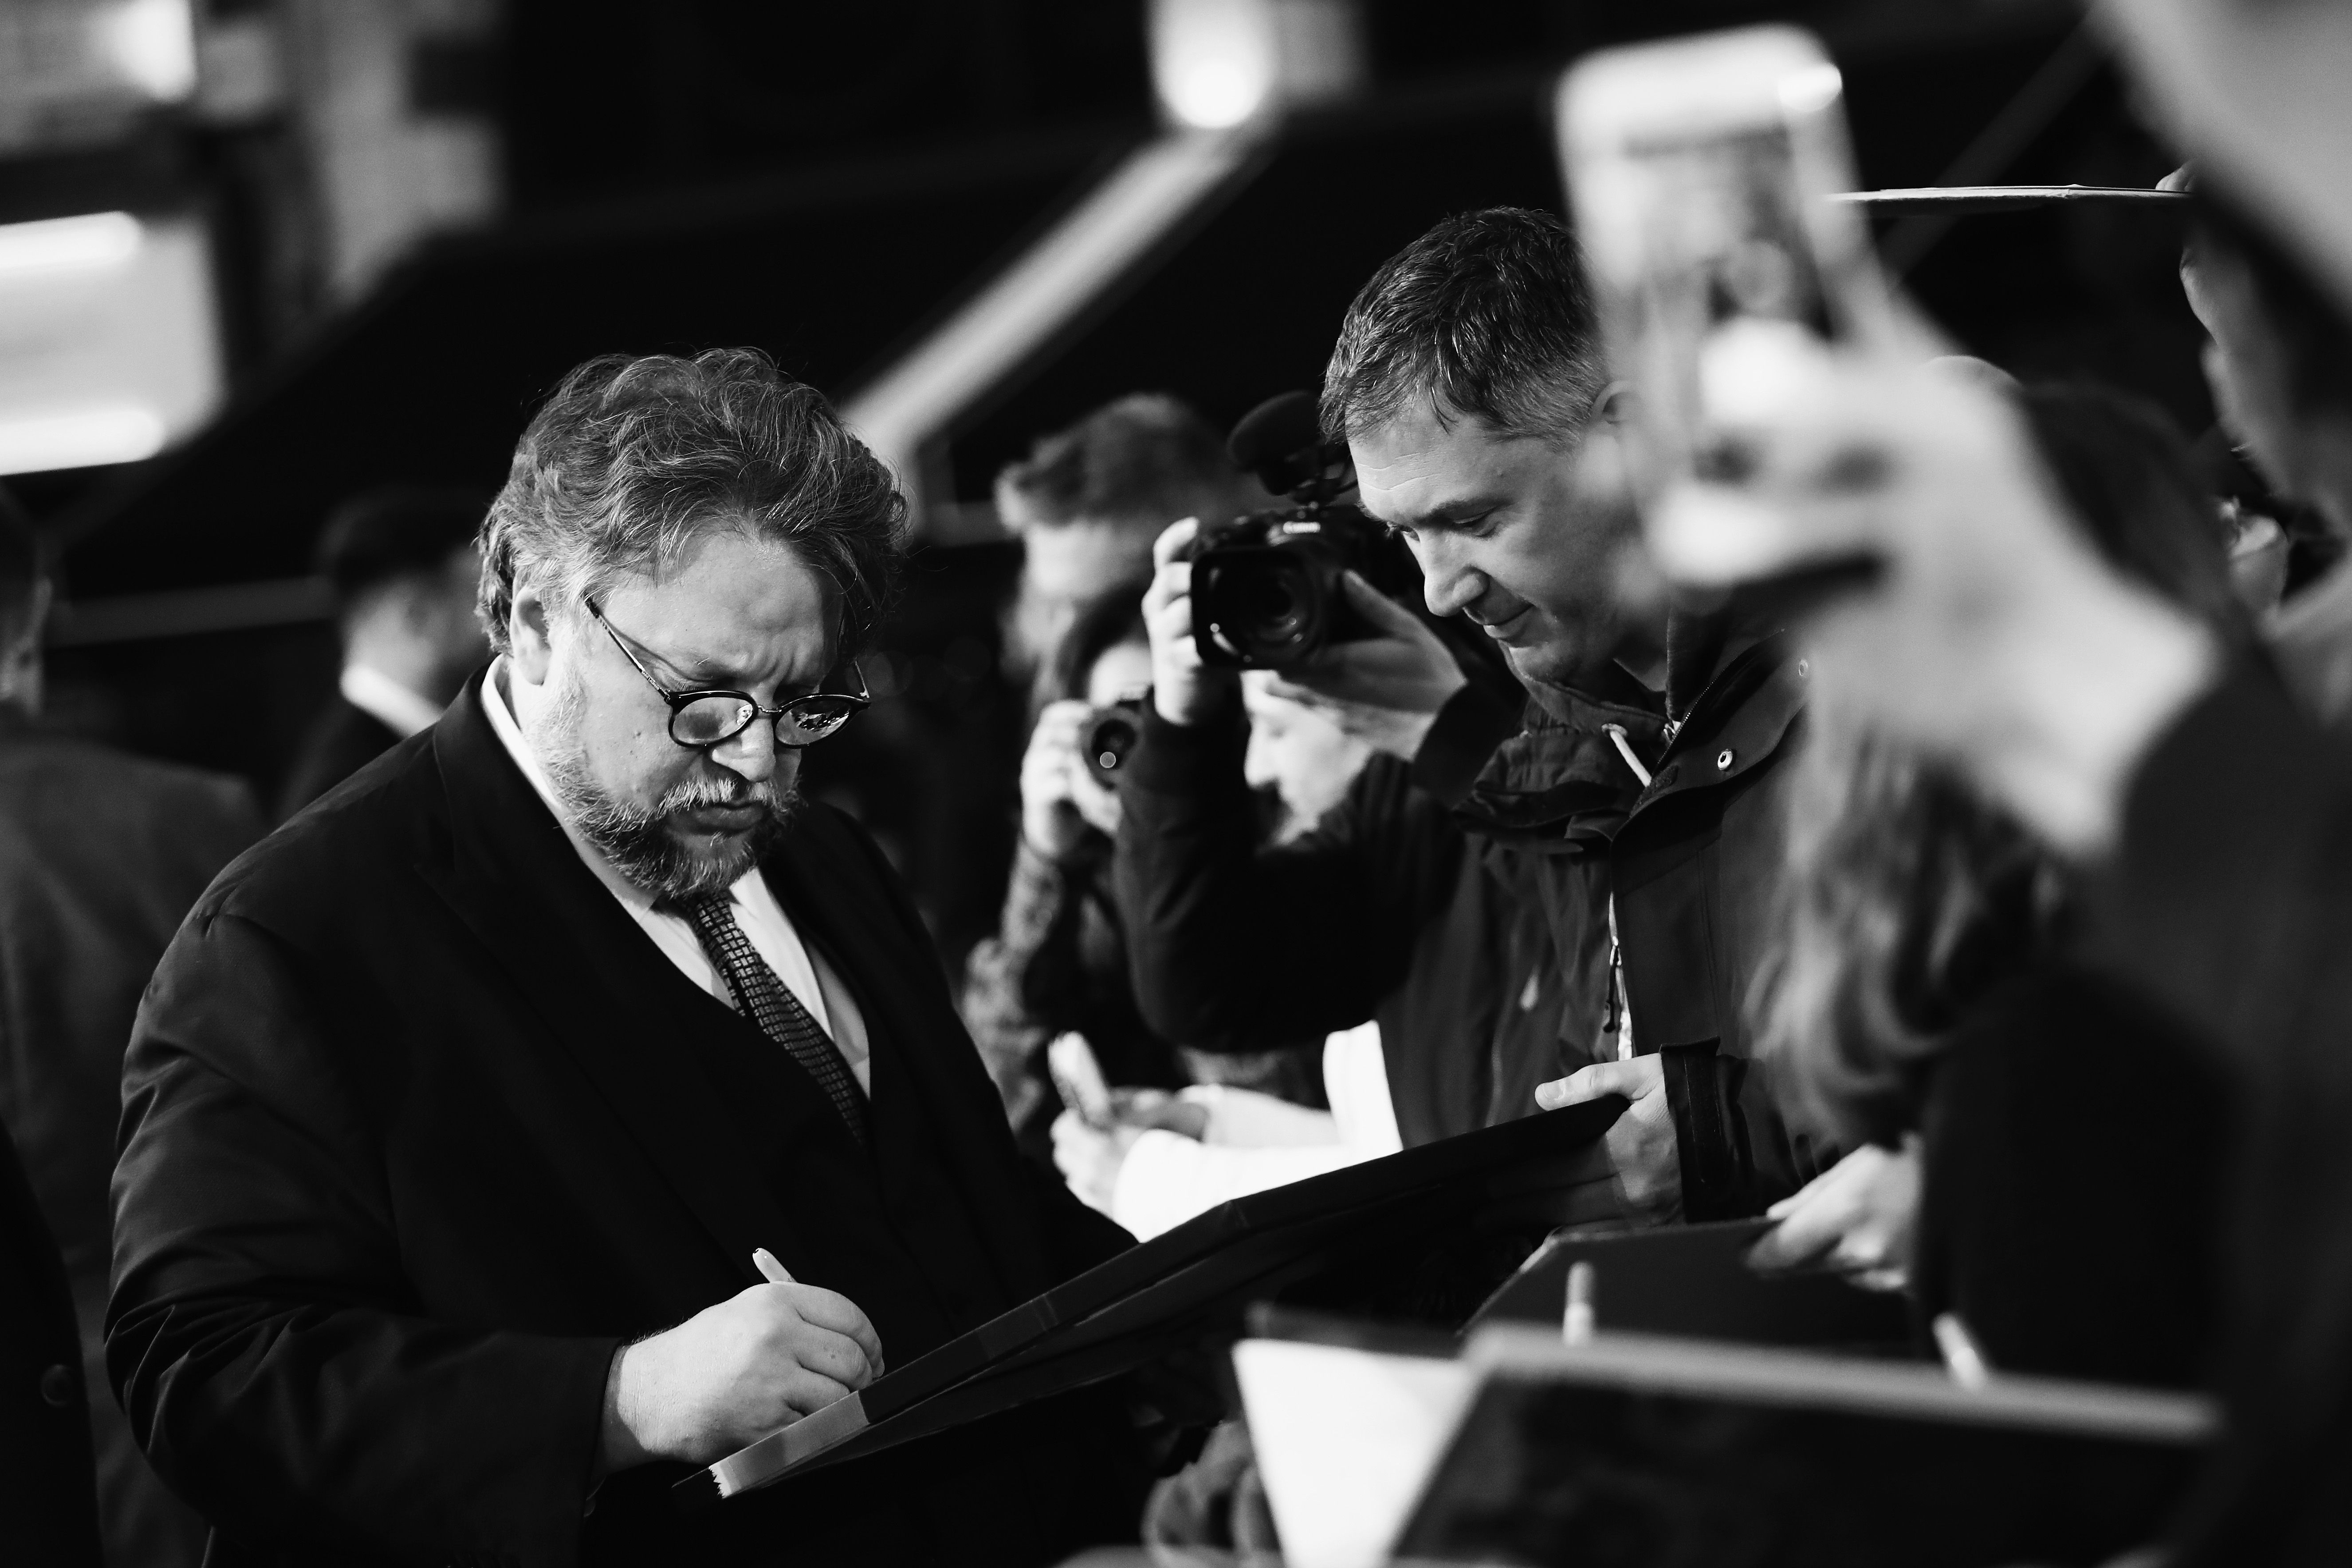 Guillermo del Toro: Un mexicano que decidió hacerse amigo de los monstruos a muy corta edad… Los que siempre formaron parte de su vida.